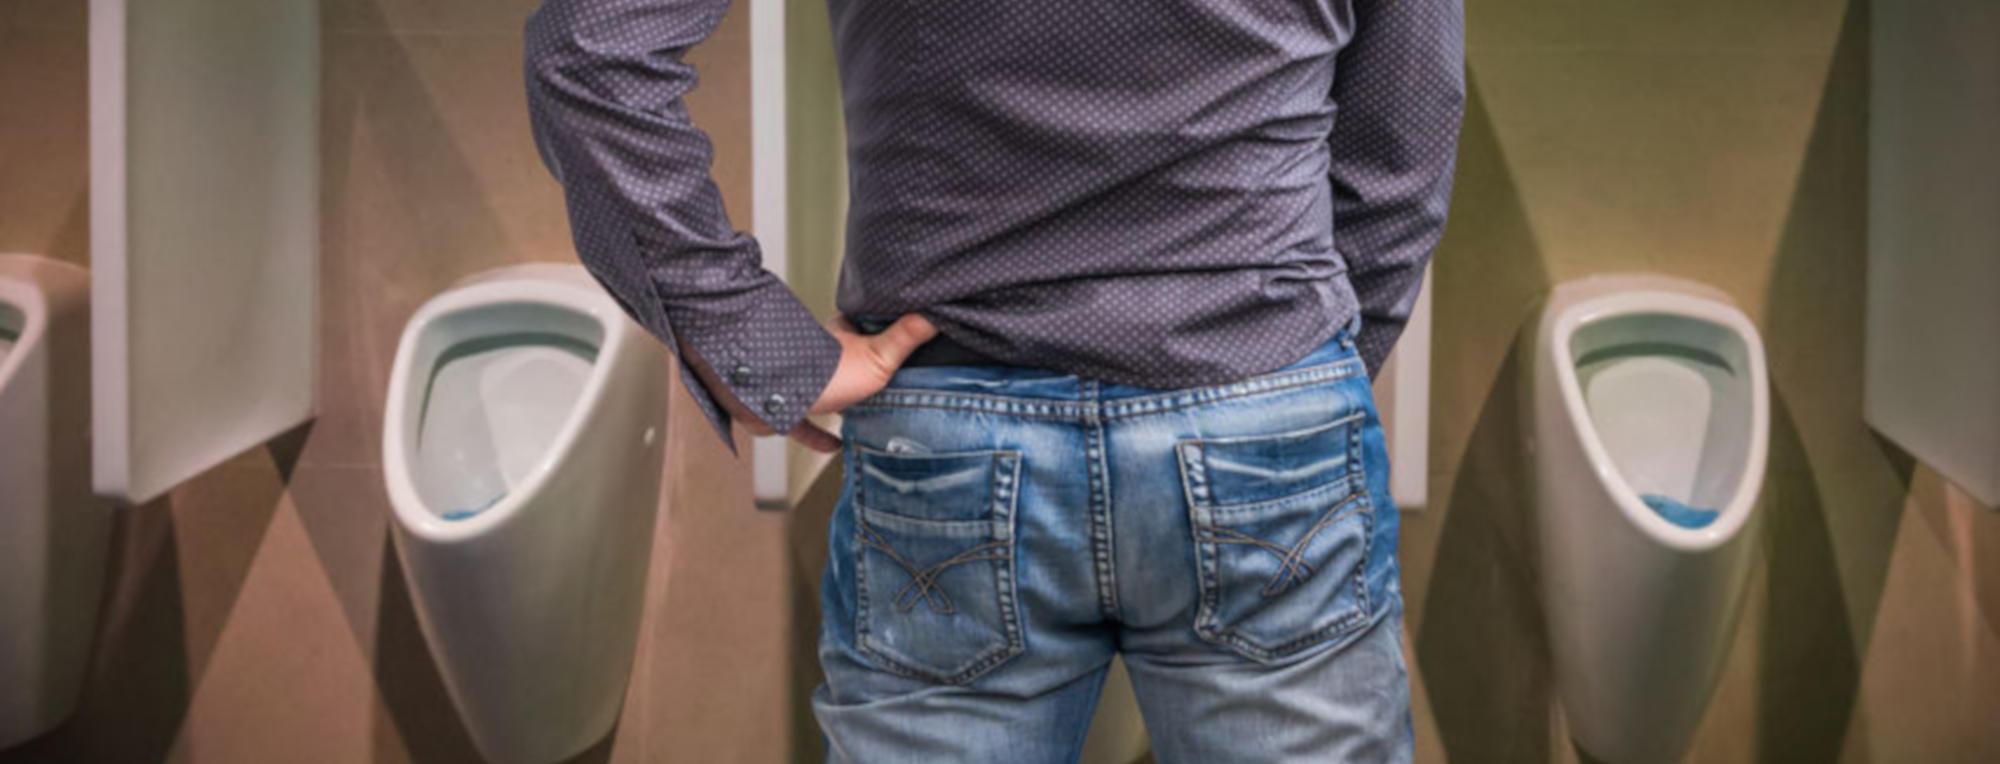 Prostatabeschwerden, Prostataerkrankungen, Prostata Erkrankung